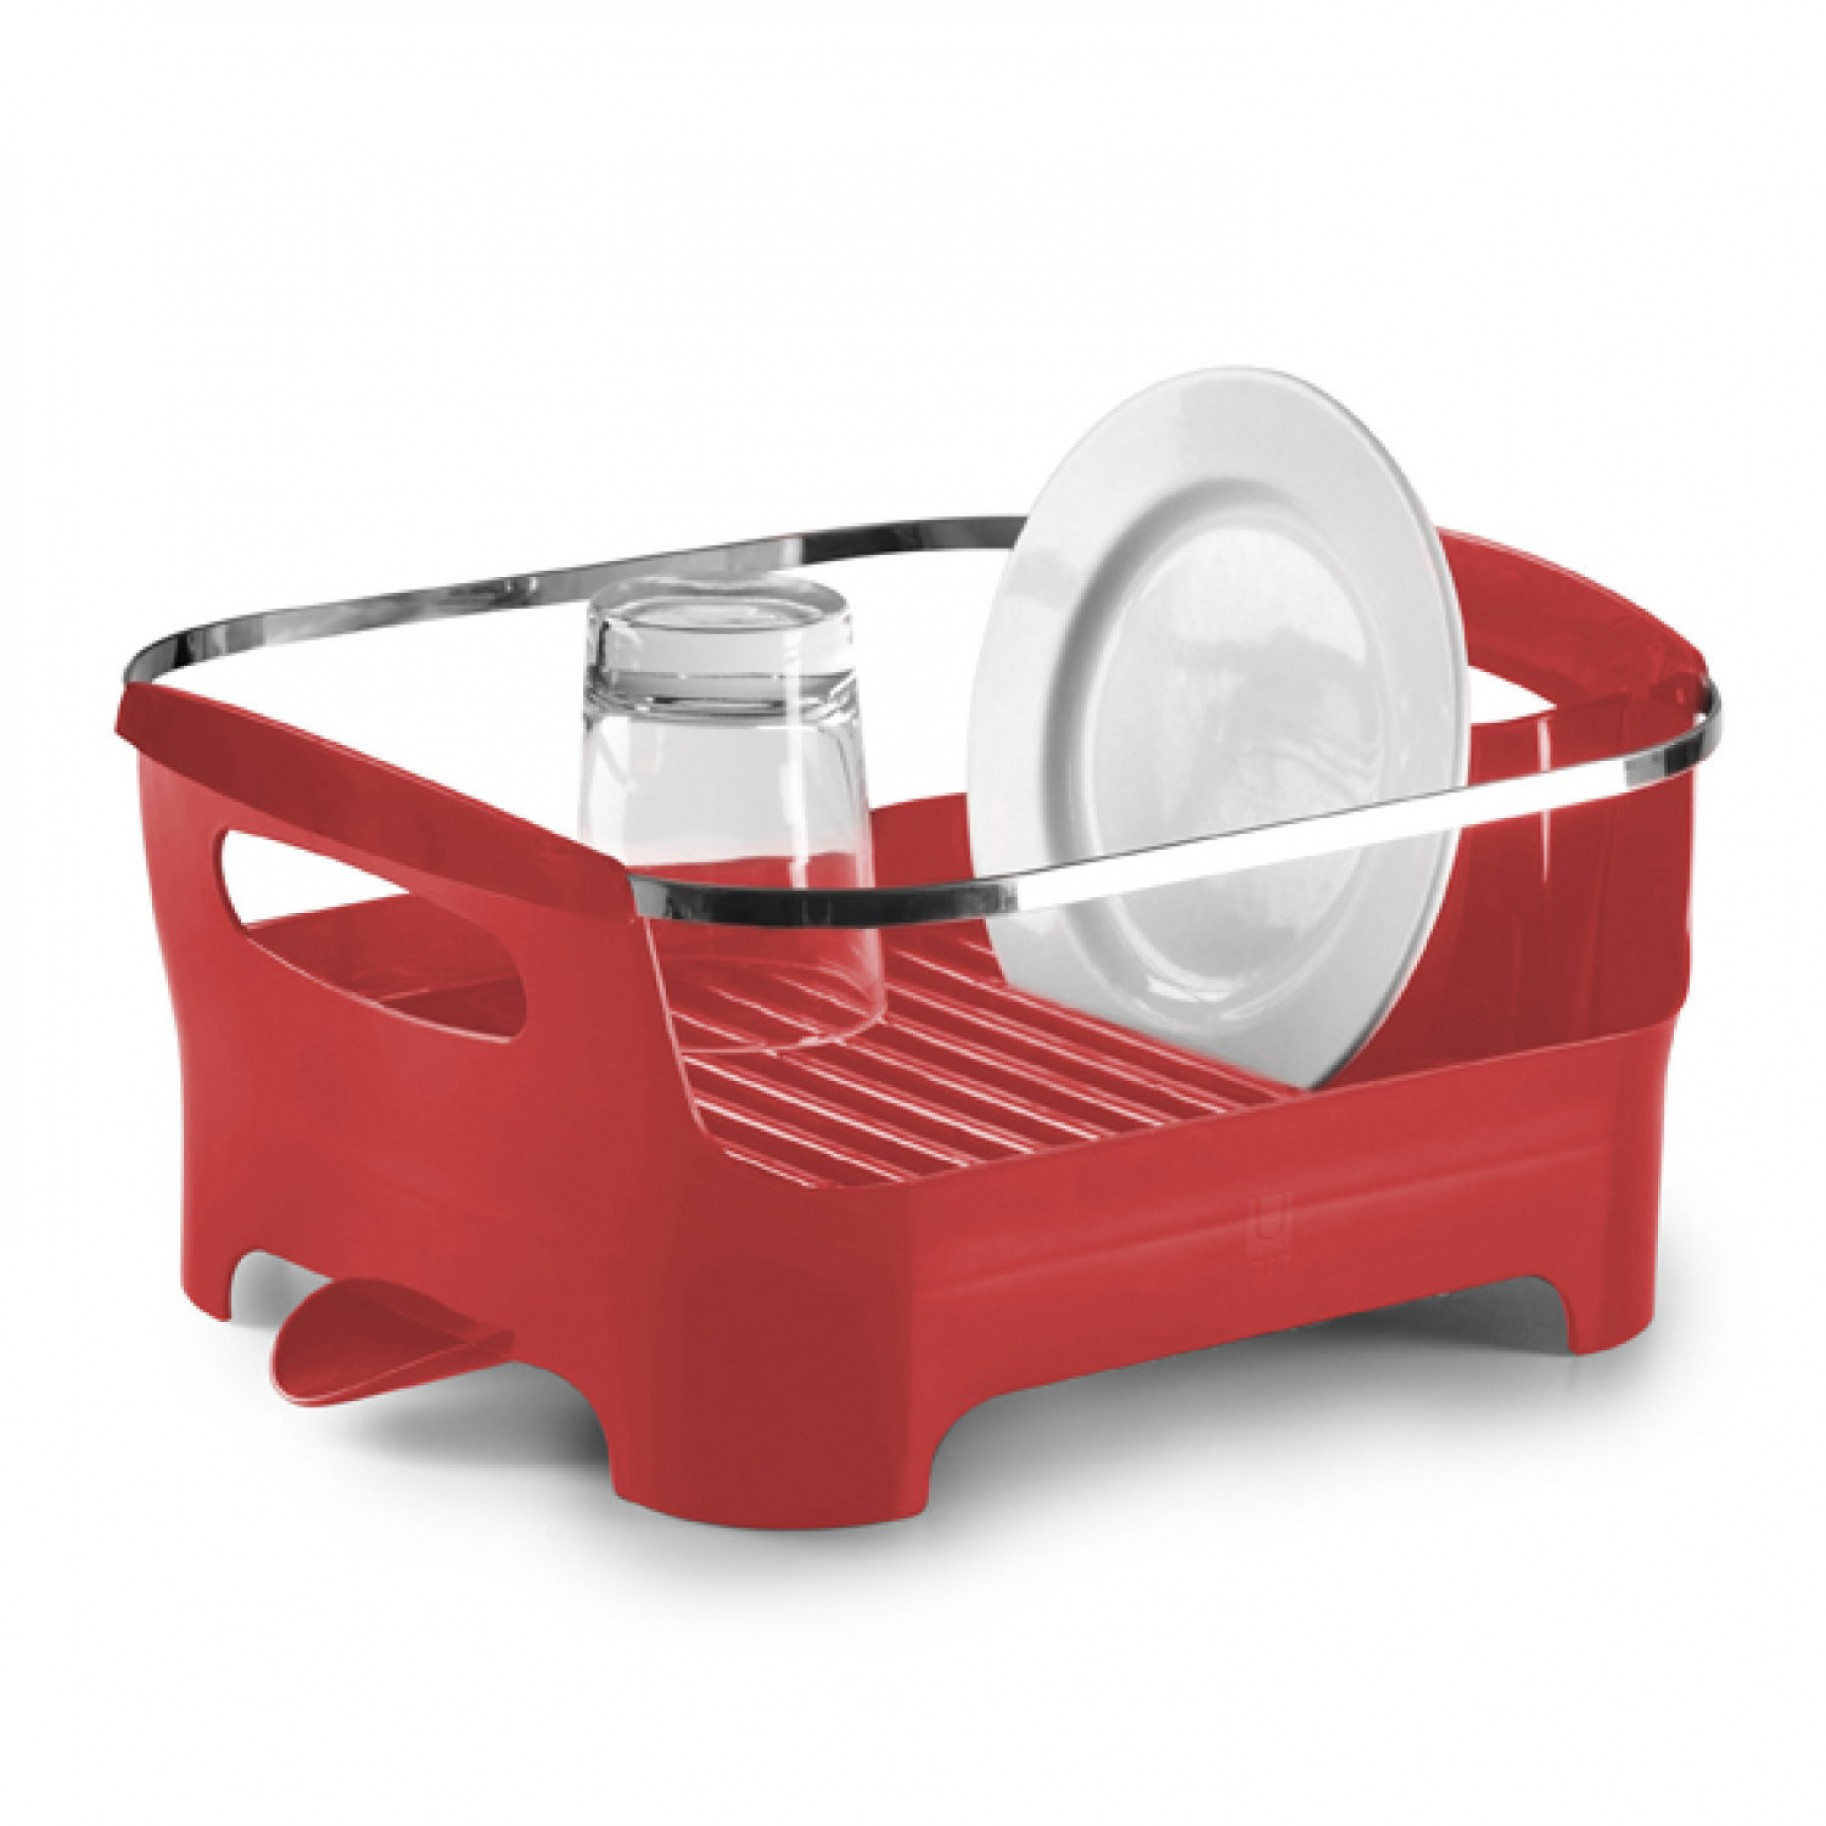 Сушилка для посуды Umbra Basin, цвет: красный, 38 х 33 х 17 смVT-1520(SR)Сушилка для посуды Umbra Basin изготовлена из высококачественного пластика без содержания вредного бисфенола. Компактный дизайн изделия создает большое пространство для хранения и сушки посуды. Пространство для посуды ограждено бортиком, в котором есть удобные ручки для переноски, а главное, тарелки случайно не выпадут и не разобьются. Вода со свежевымытой посуды через желобки для тарелок стекает вниз, в специальное отделение, где собирается и выводится через носик на боку сушилки. Вы можете поставить ее в раковину или на рабочую поверхность рядом.Размер сушилки: 38 см х 33 см х 17 см.